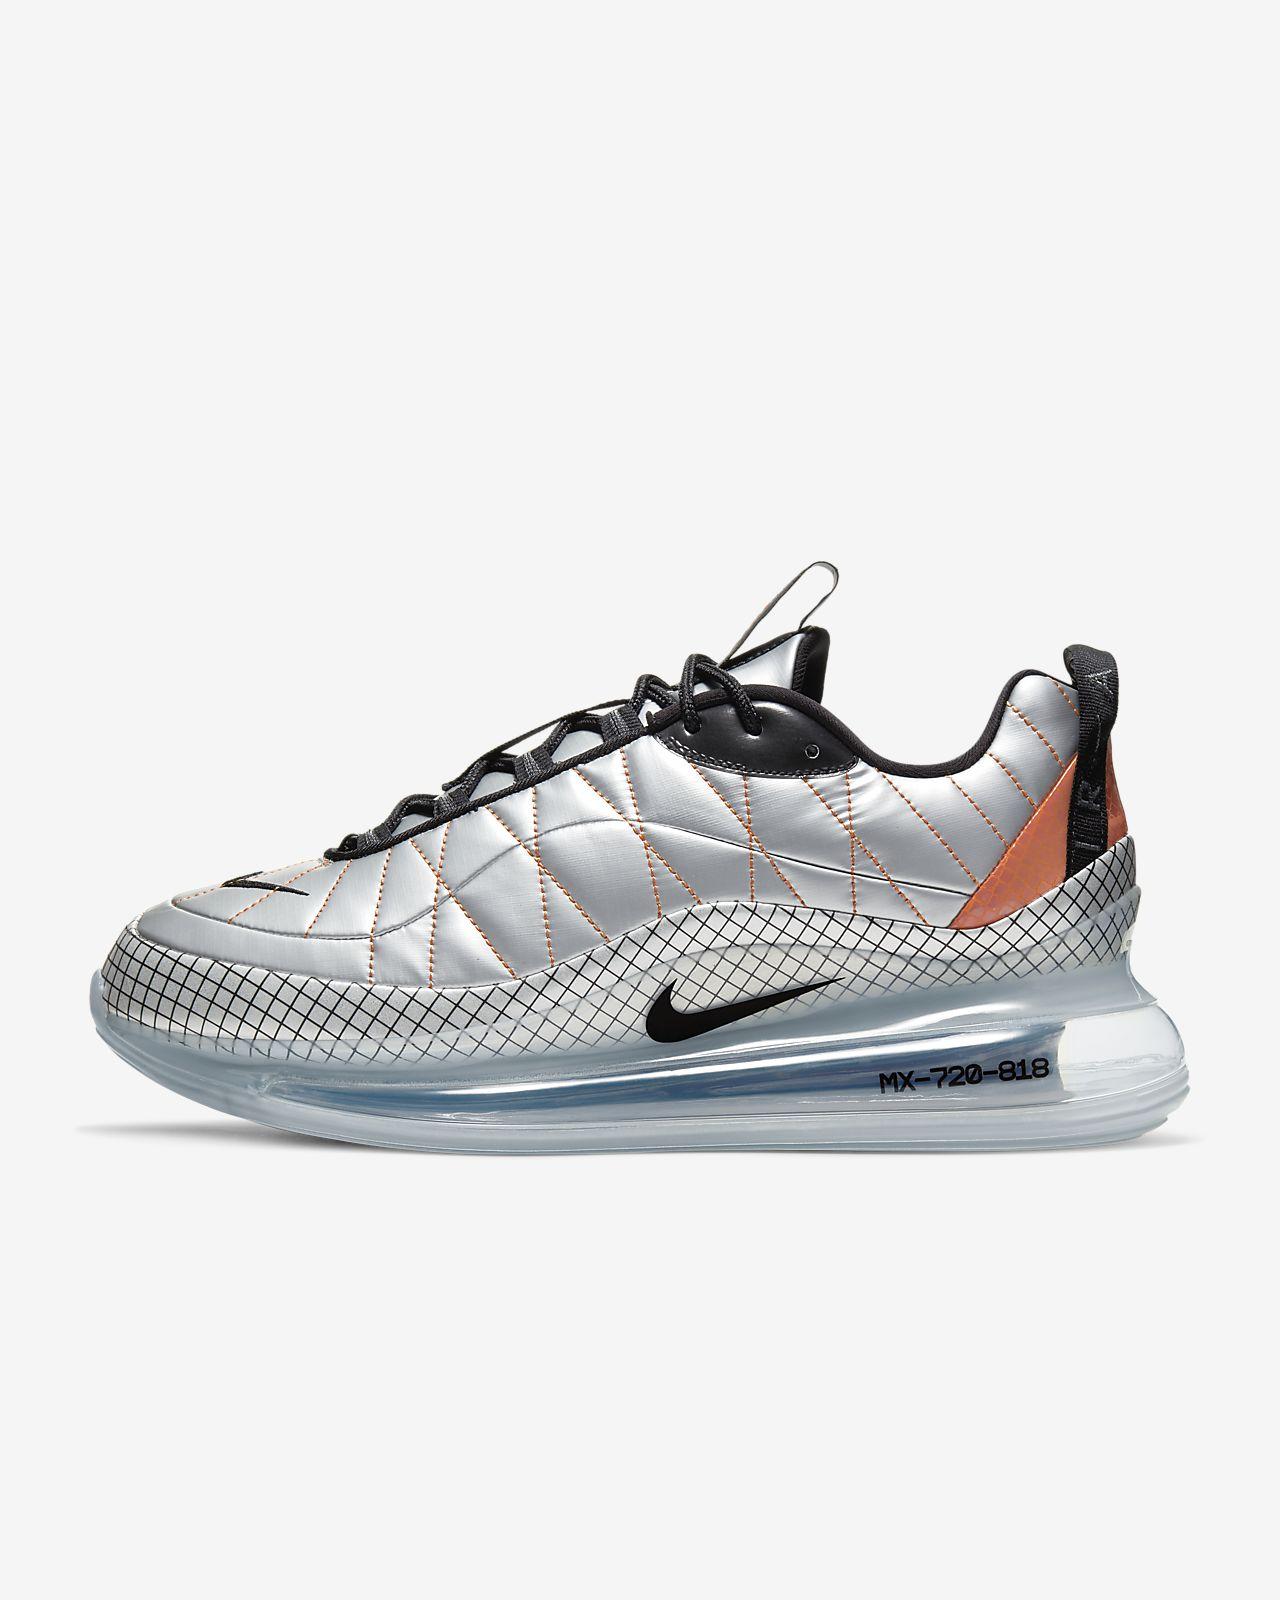 Nike MX-720-818 男鞋